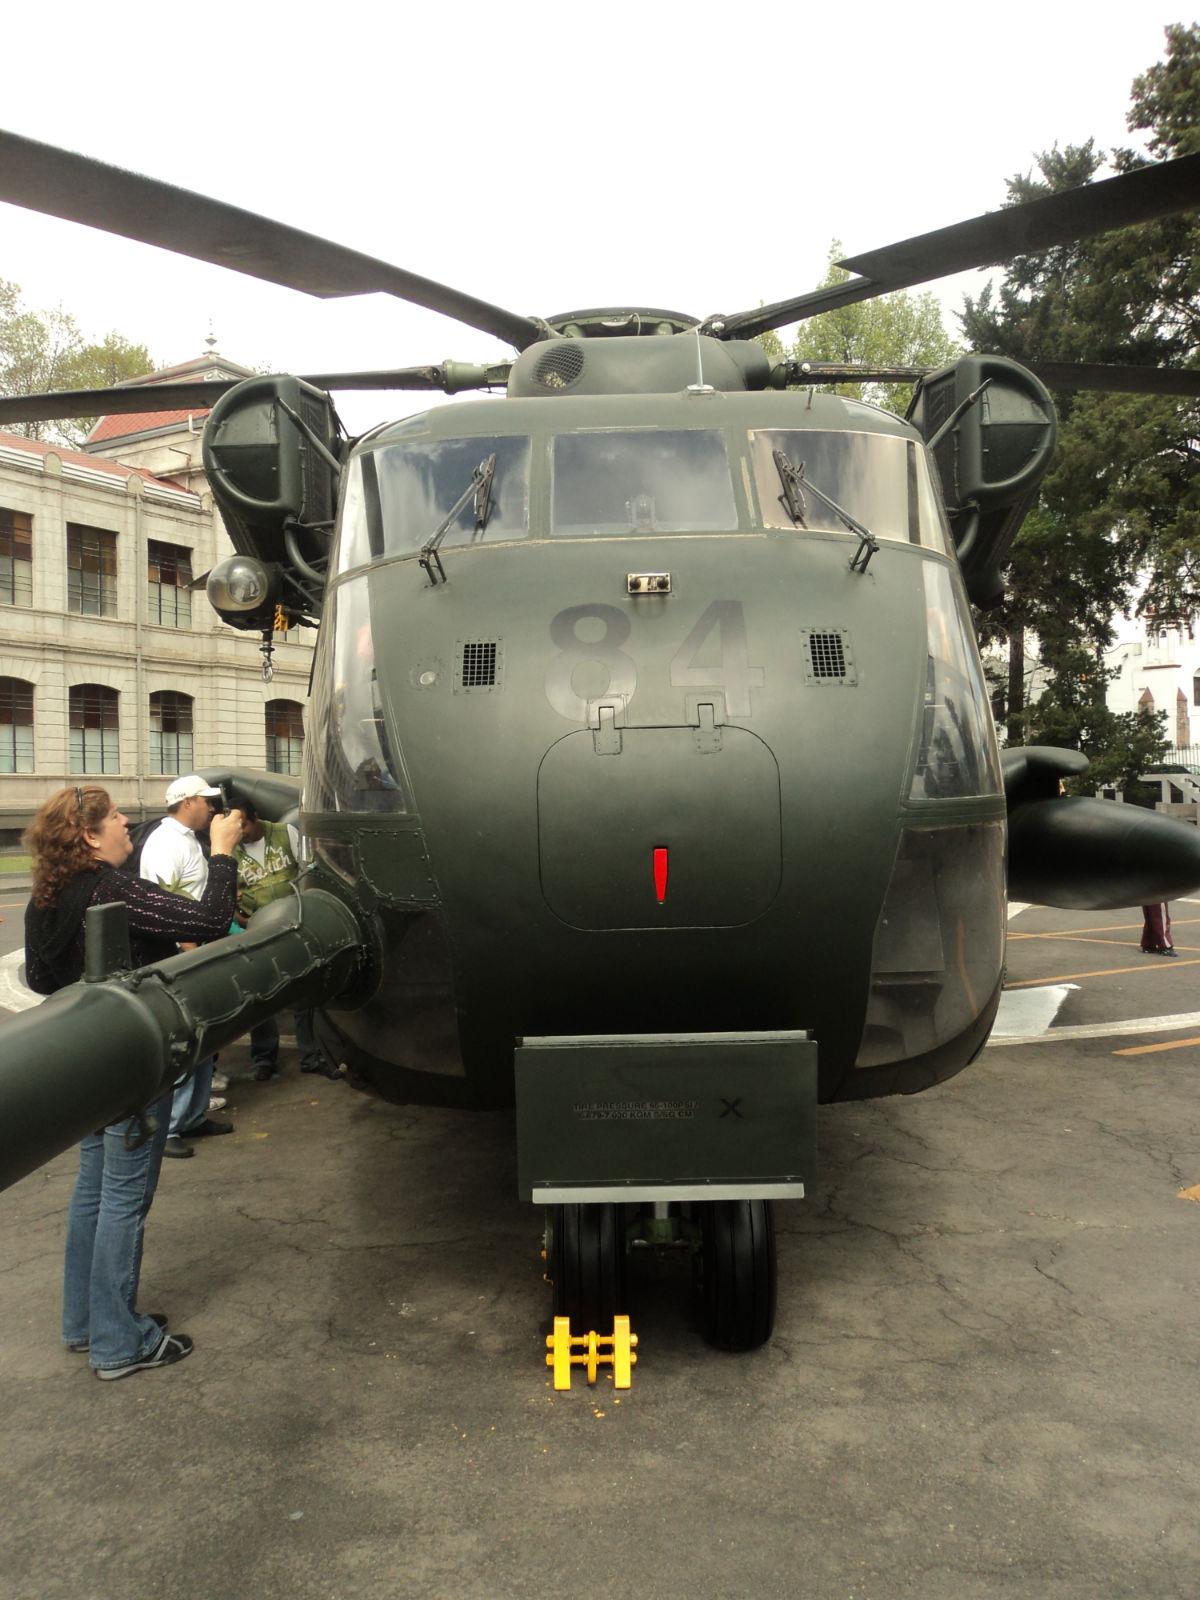 Exhibicion itinerante del Ejercito y Fuerza Aerea; La Gran Fuerza de México PROXIMA SEDE: JALISCO - Página 3 DSC01438